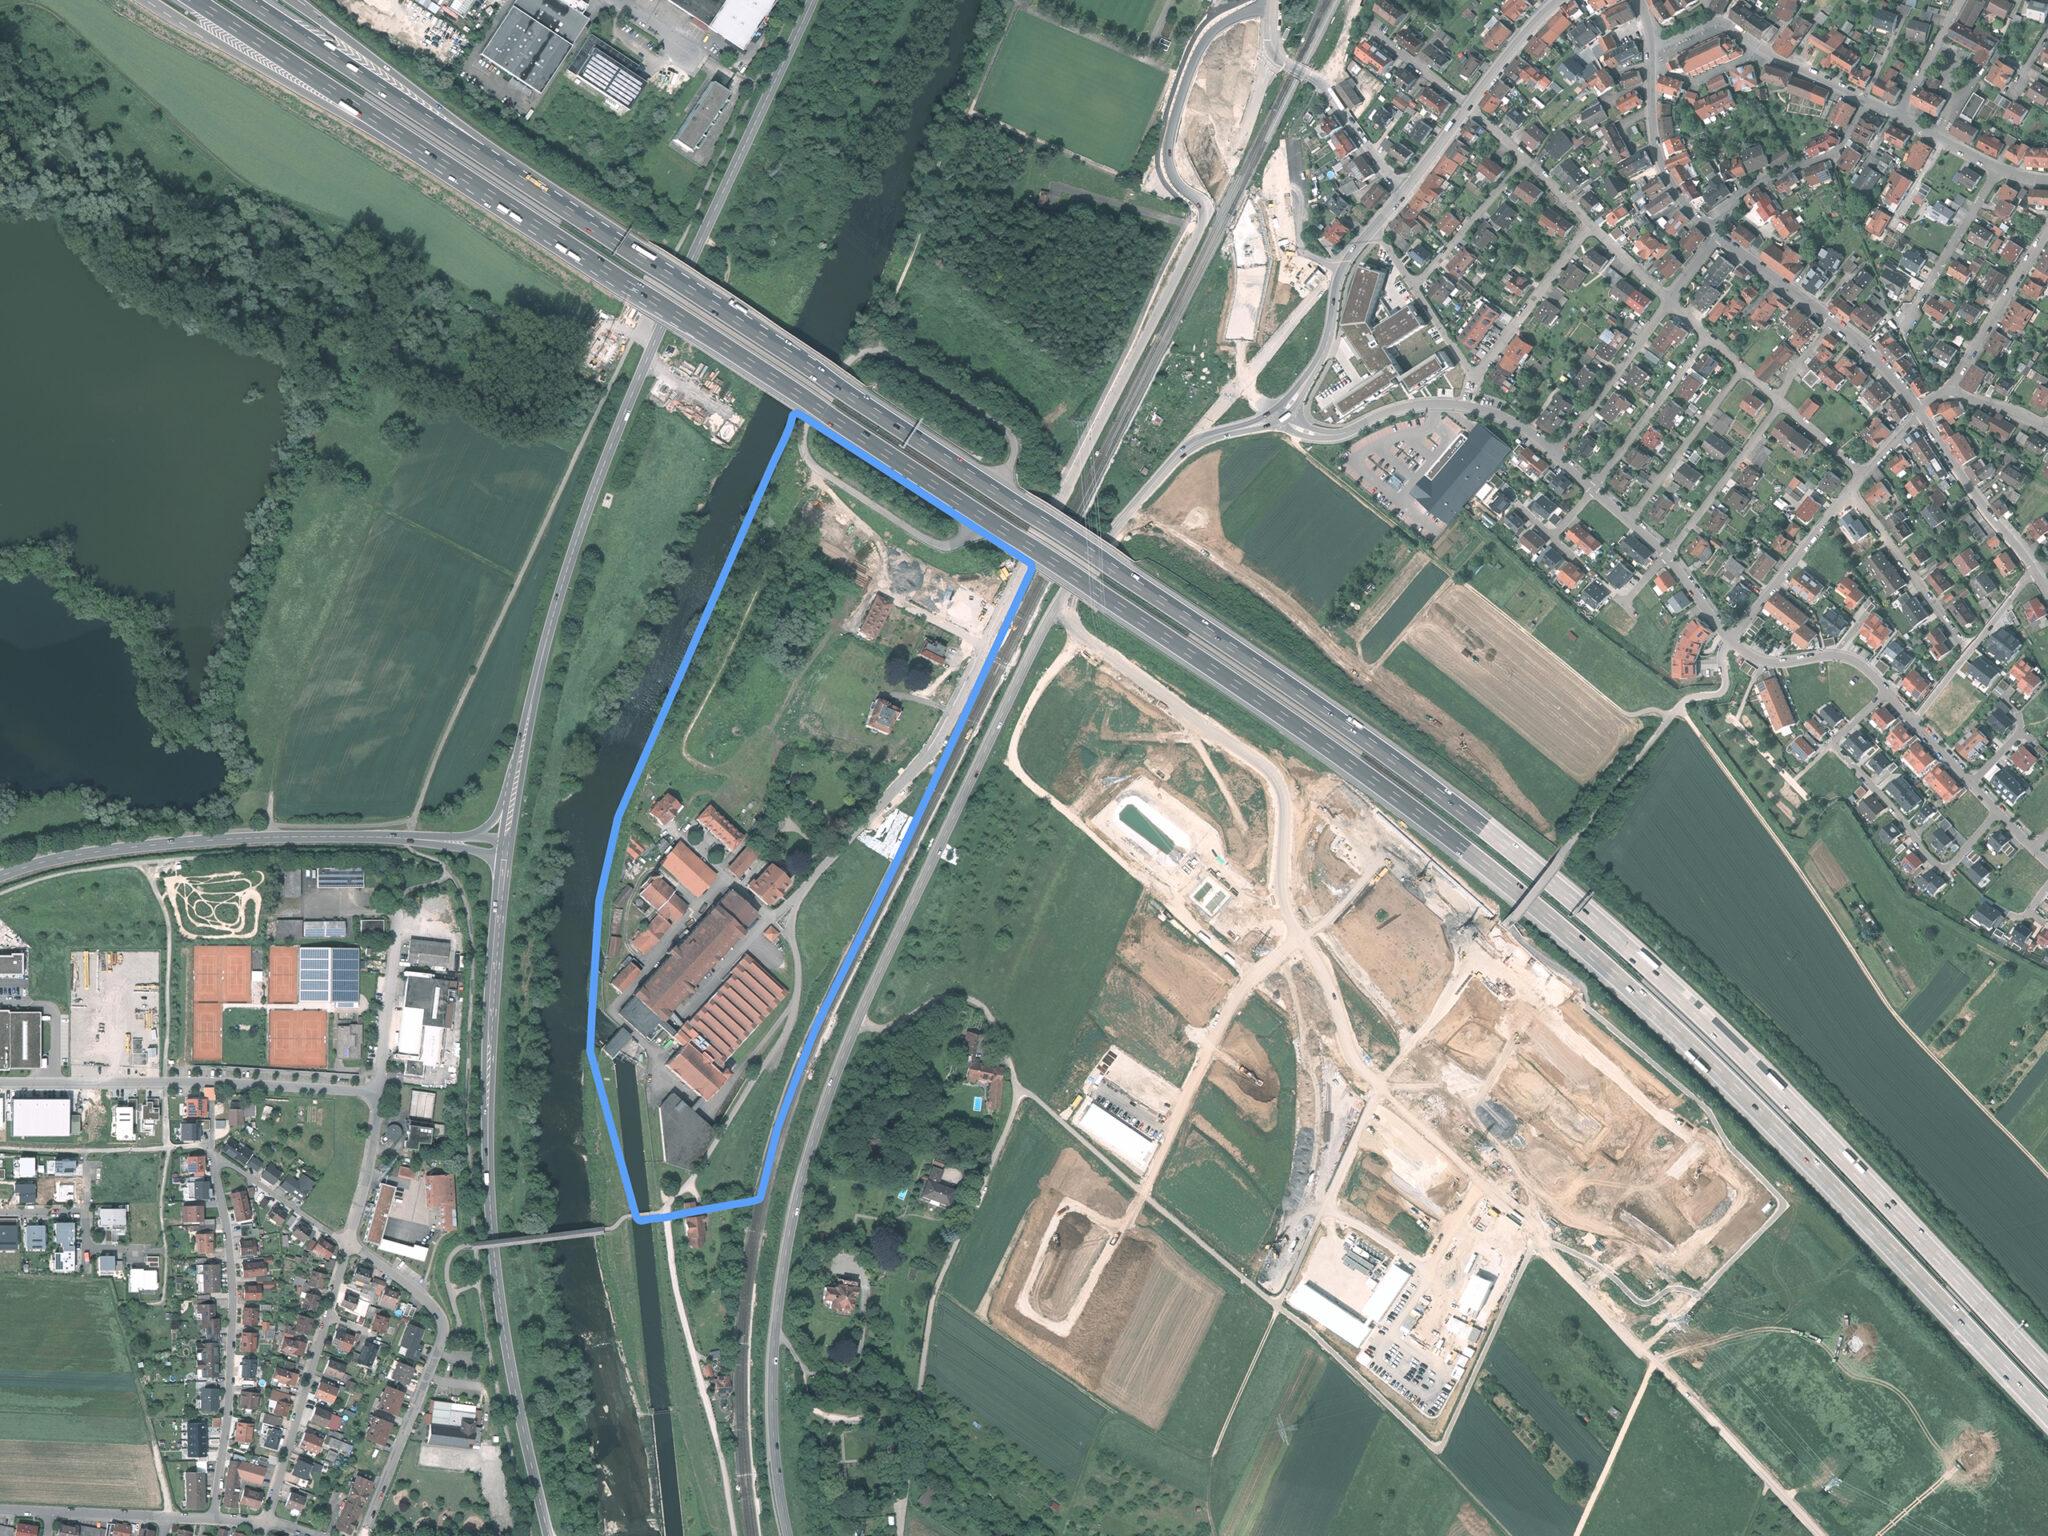 Luftbild Neckarspinnerei